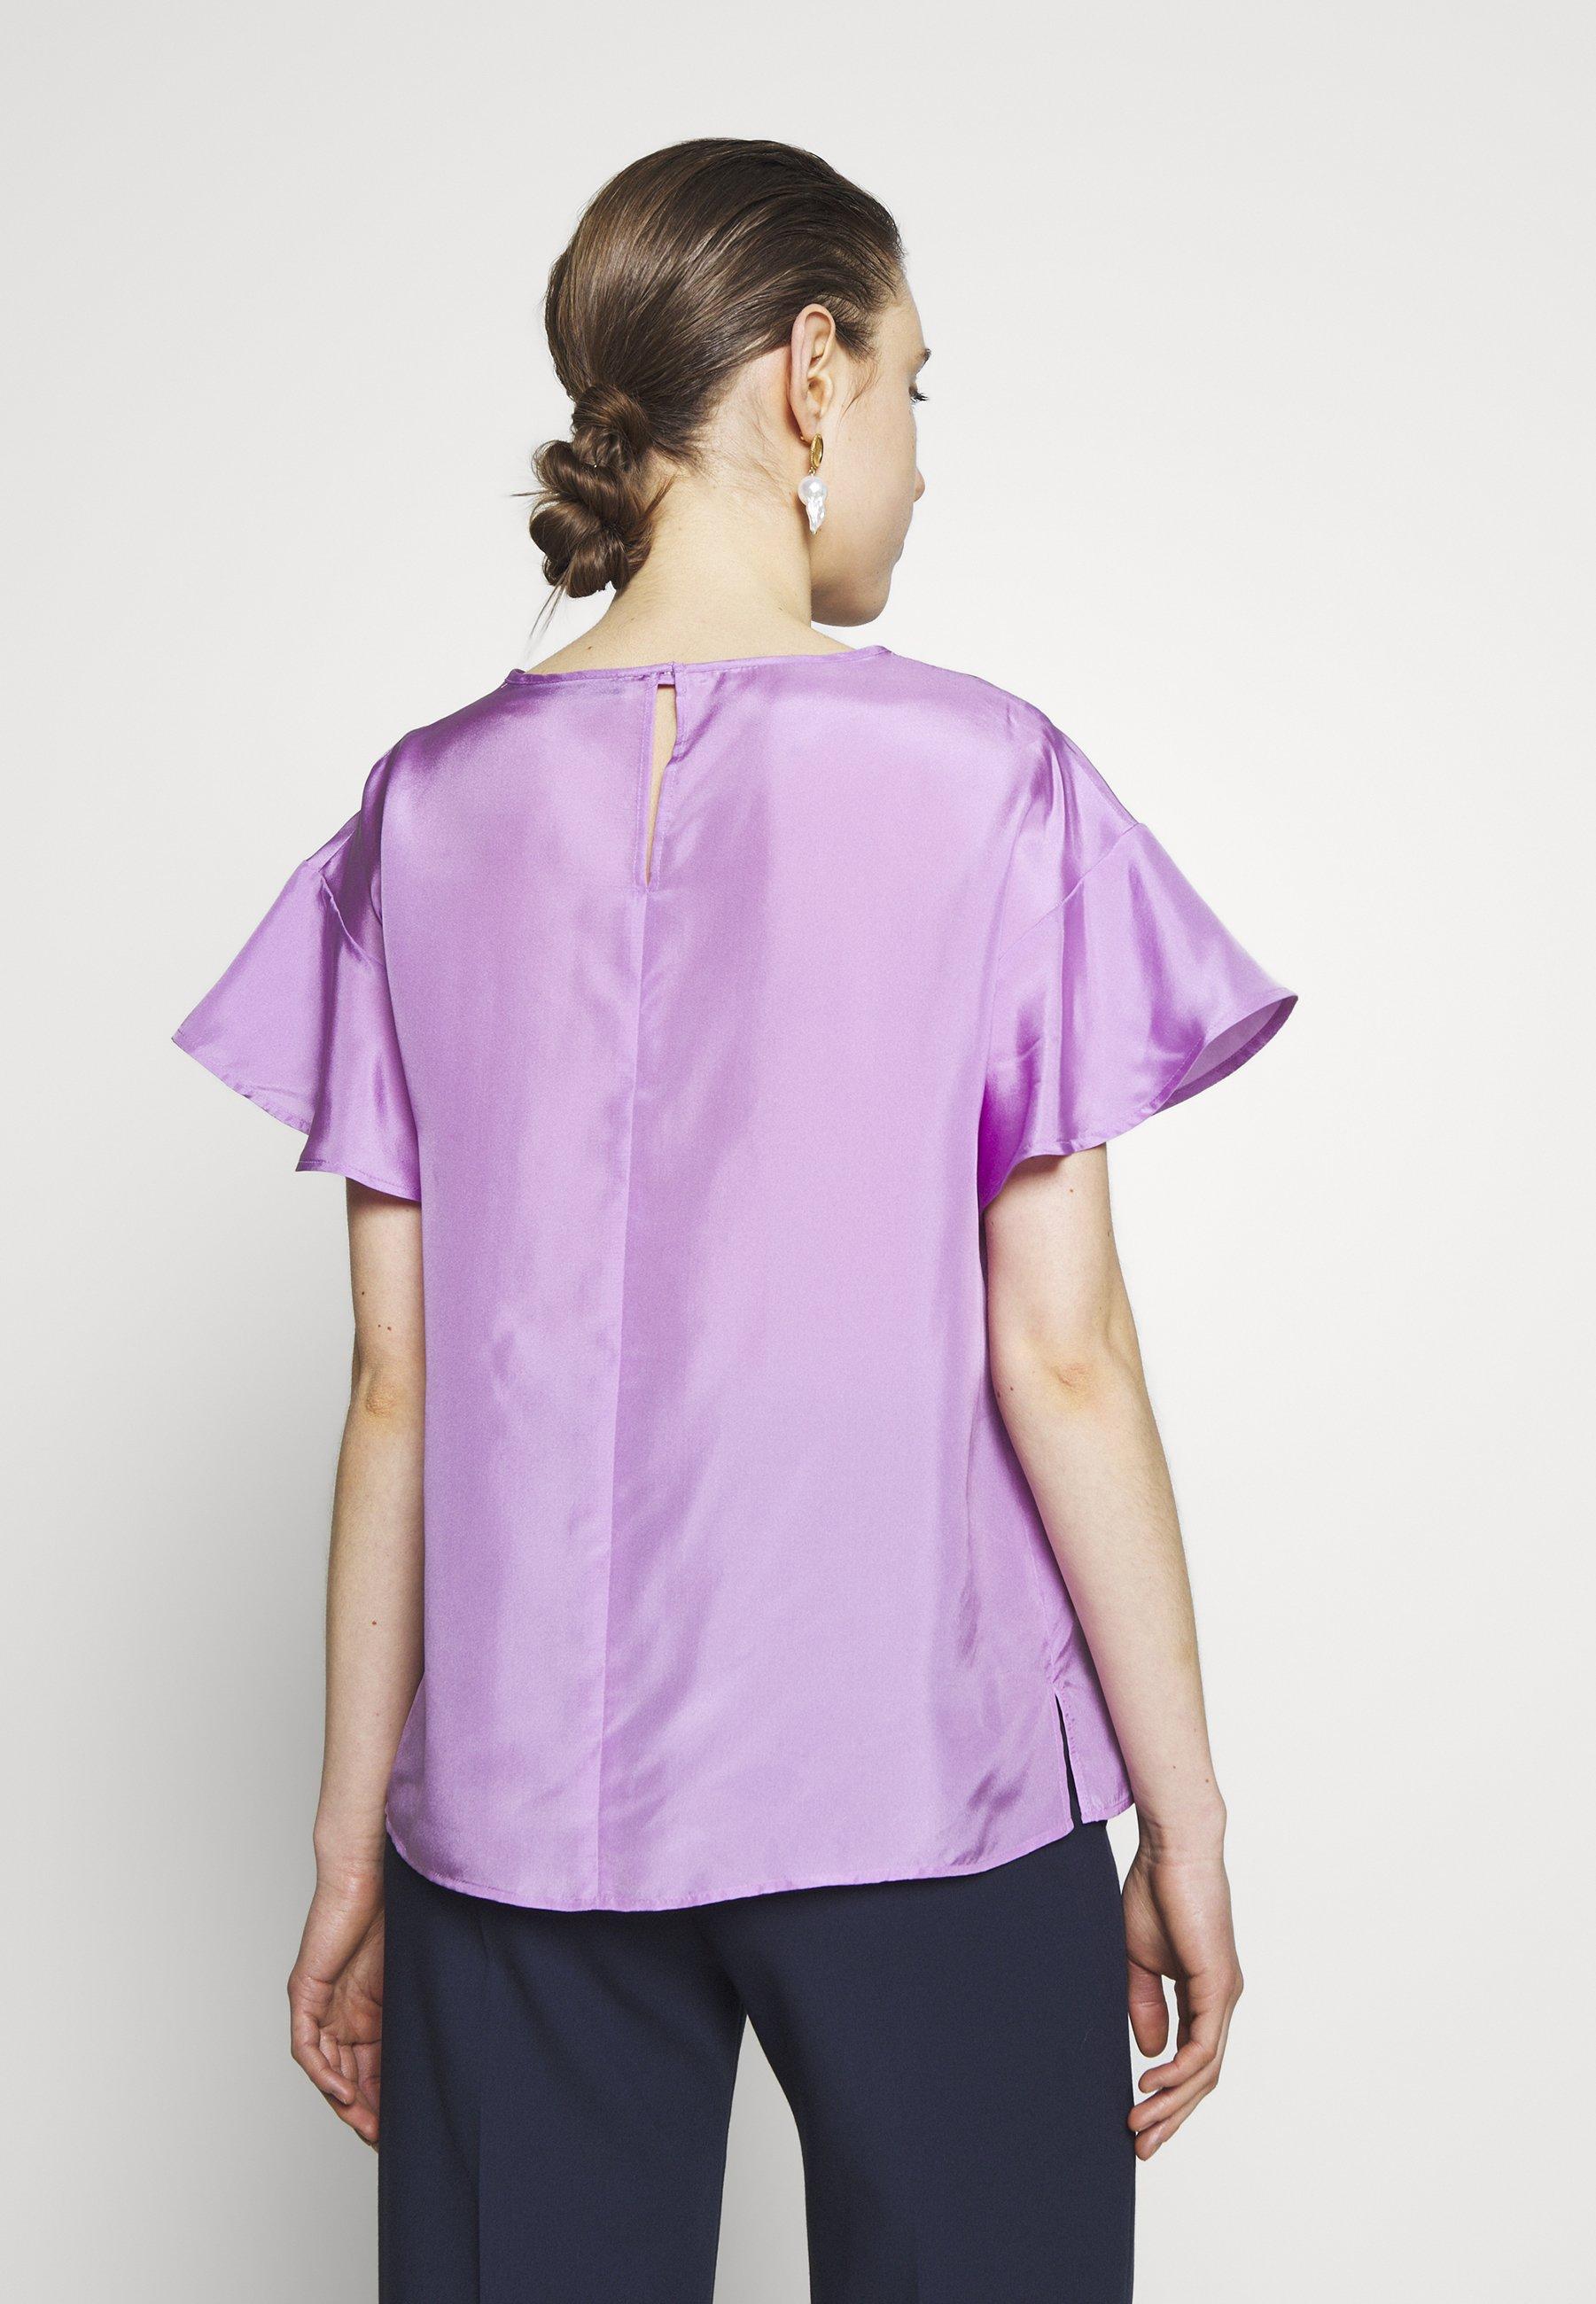 Marella Bozen - Blouse Lilac